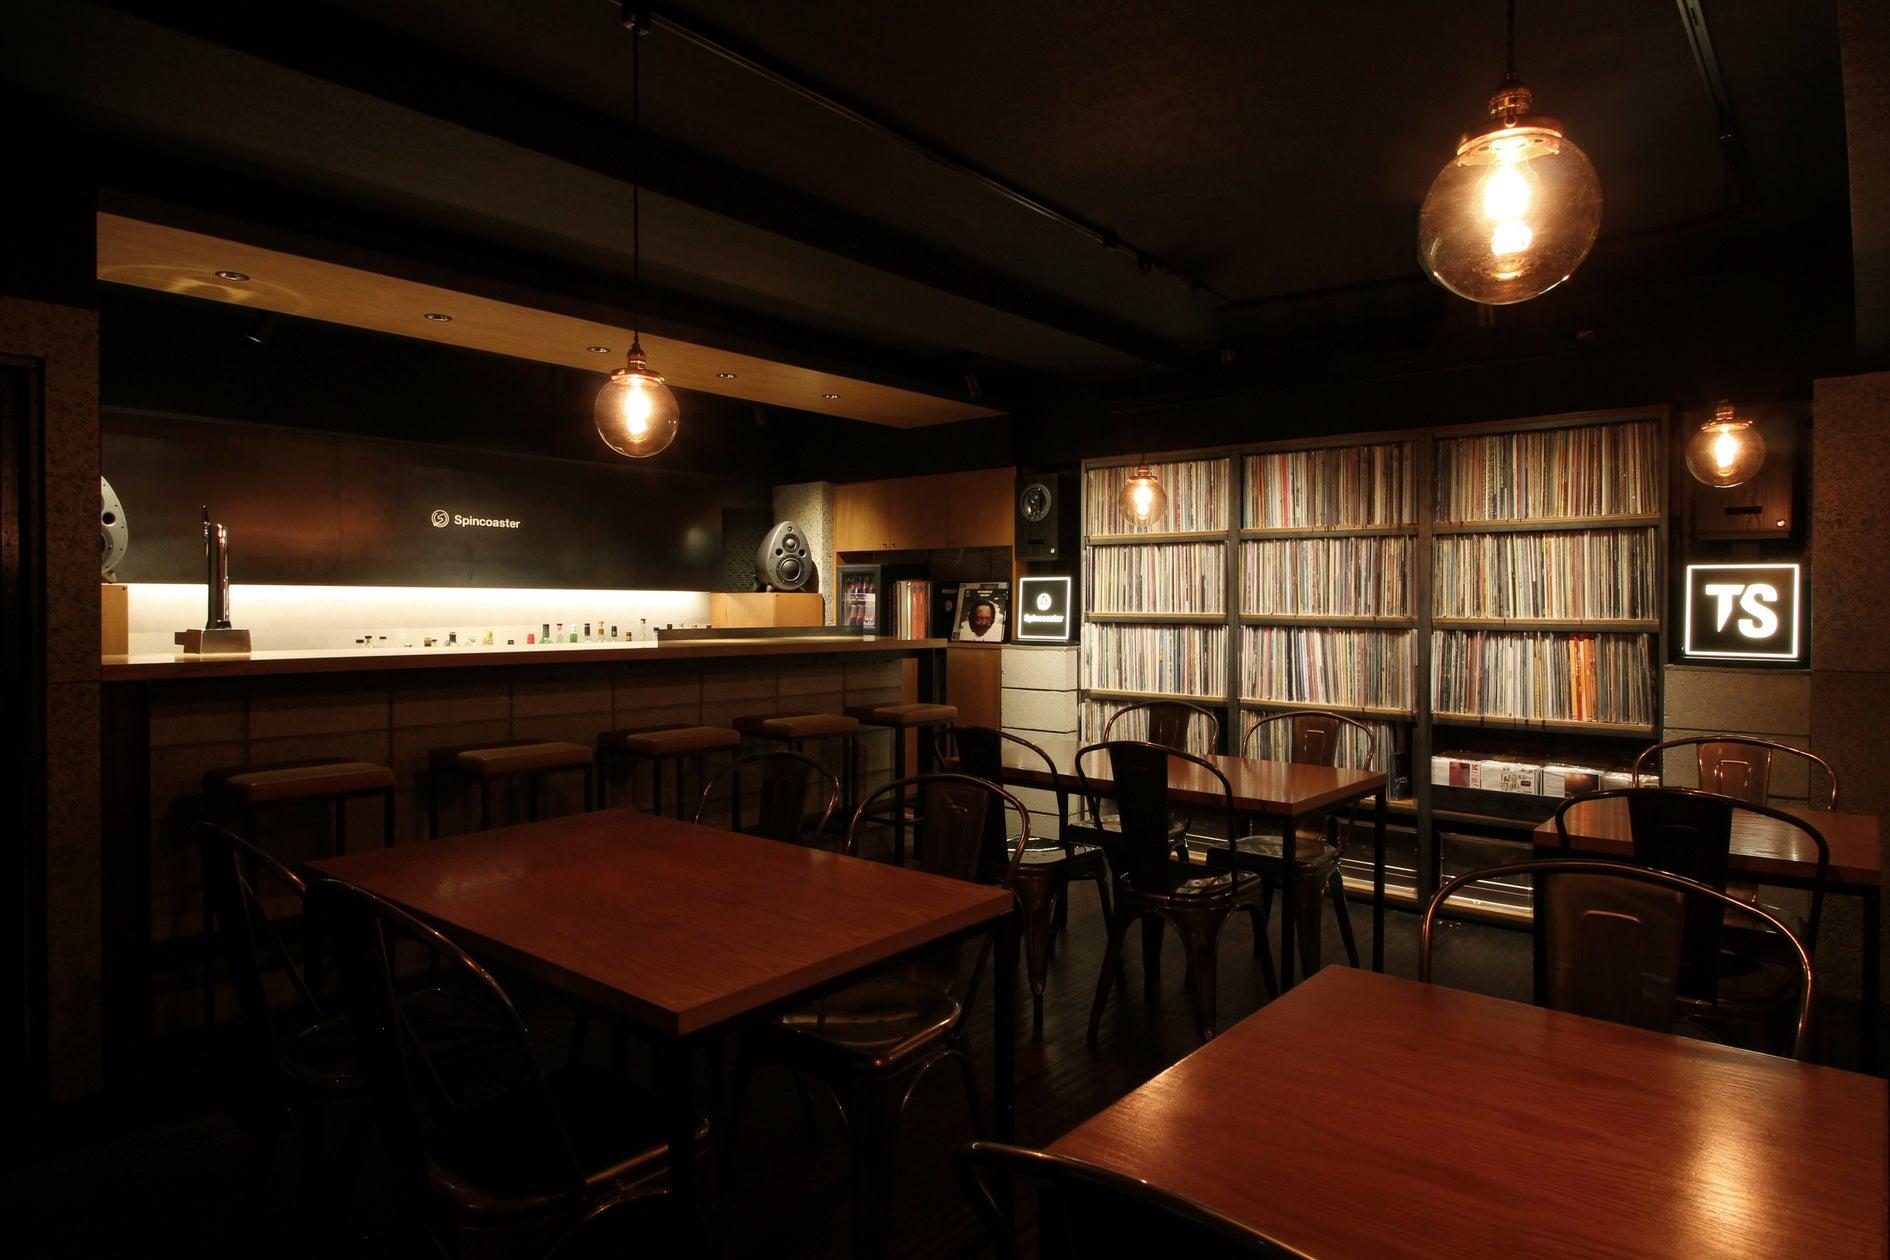 【新宿駅 徒歩8分 代々木駅 徒歩4分】映像・プロジェクター・音楽・DJを使ったパーティ・イベントに最適!楽器の演奏も可能!(Spincoaster Music Bar (スピンコースターミュージックバー)) の写真0